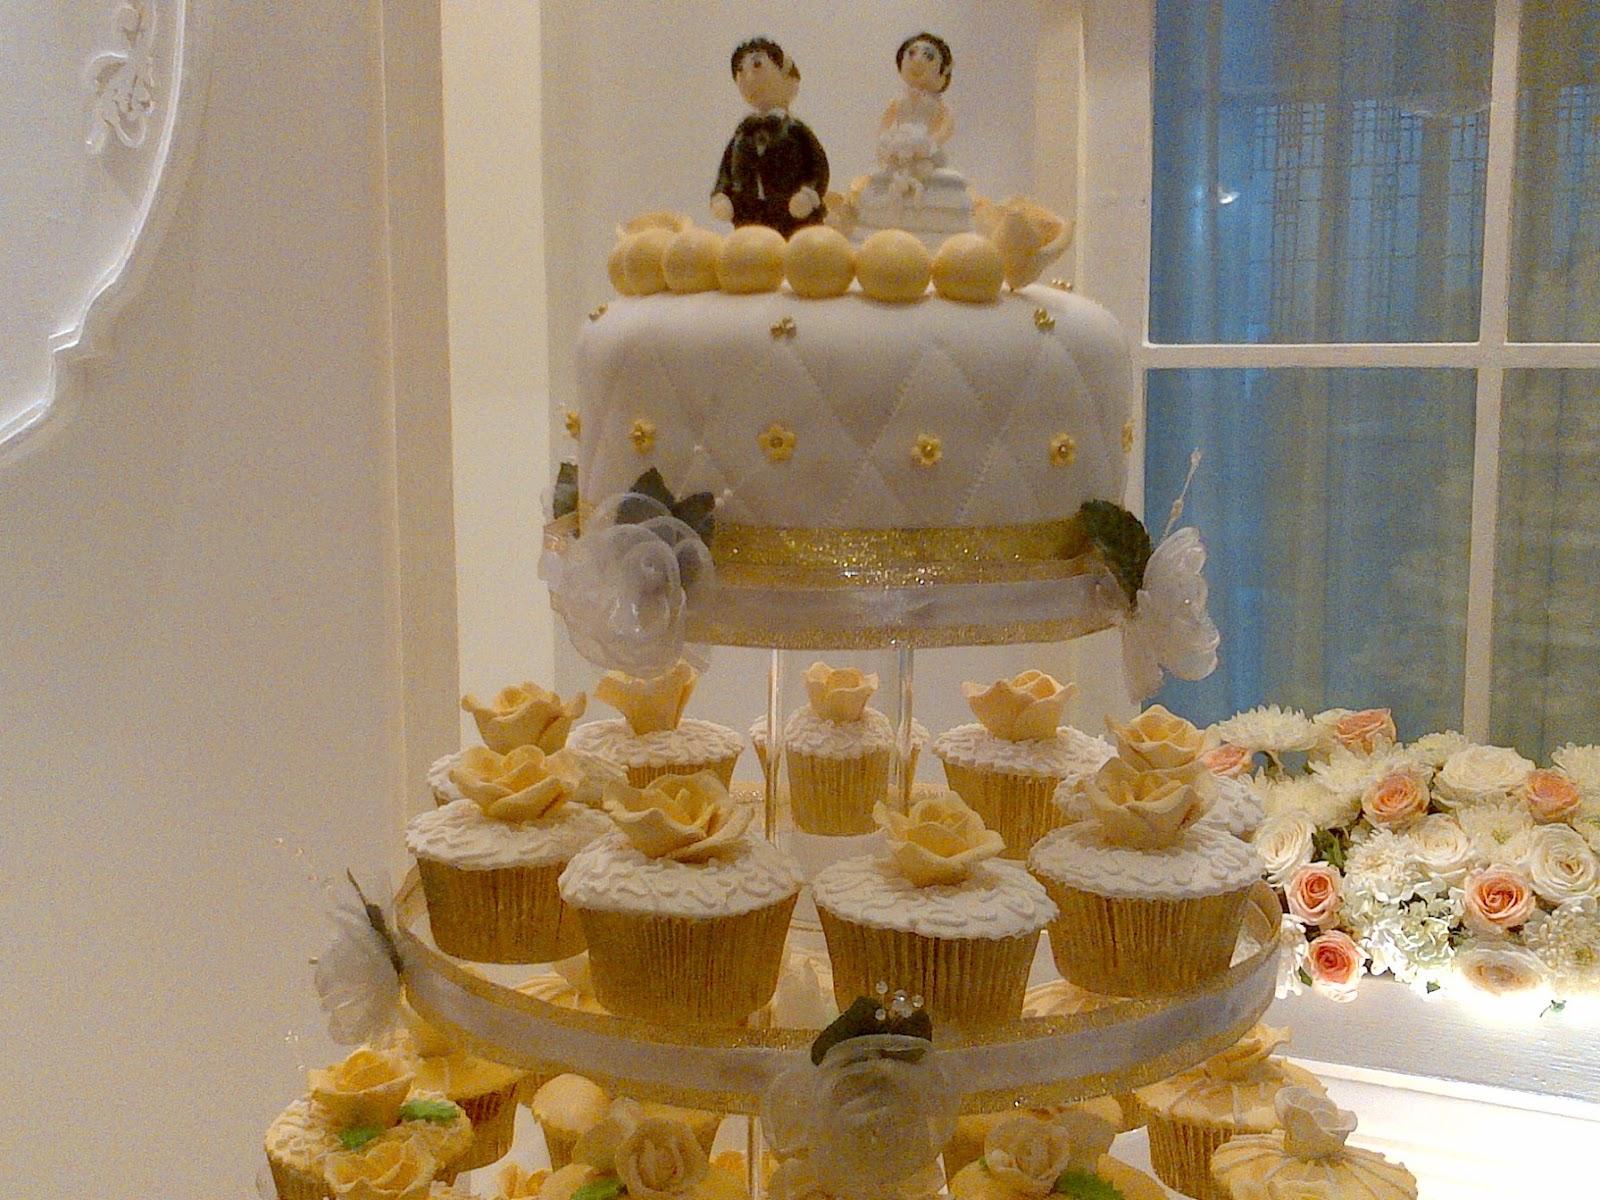 Cupcakes By Chocoholic White Gold Wedding Cake At Dharmawangsa Hotel Jakarta Selatan